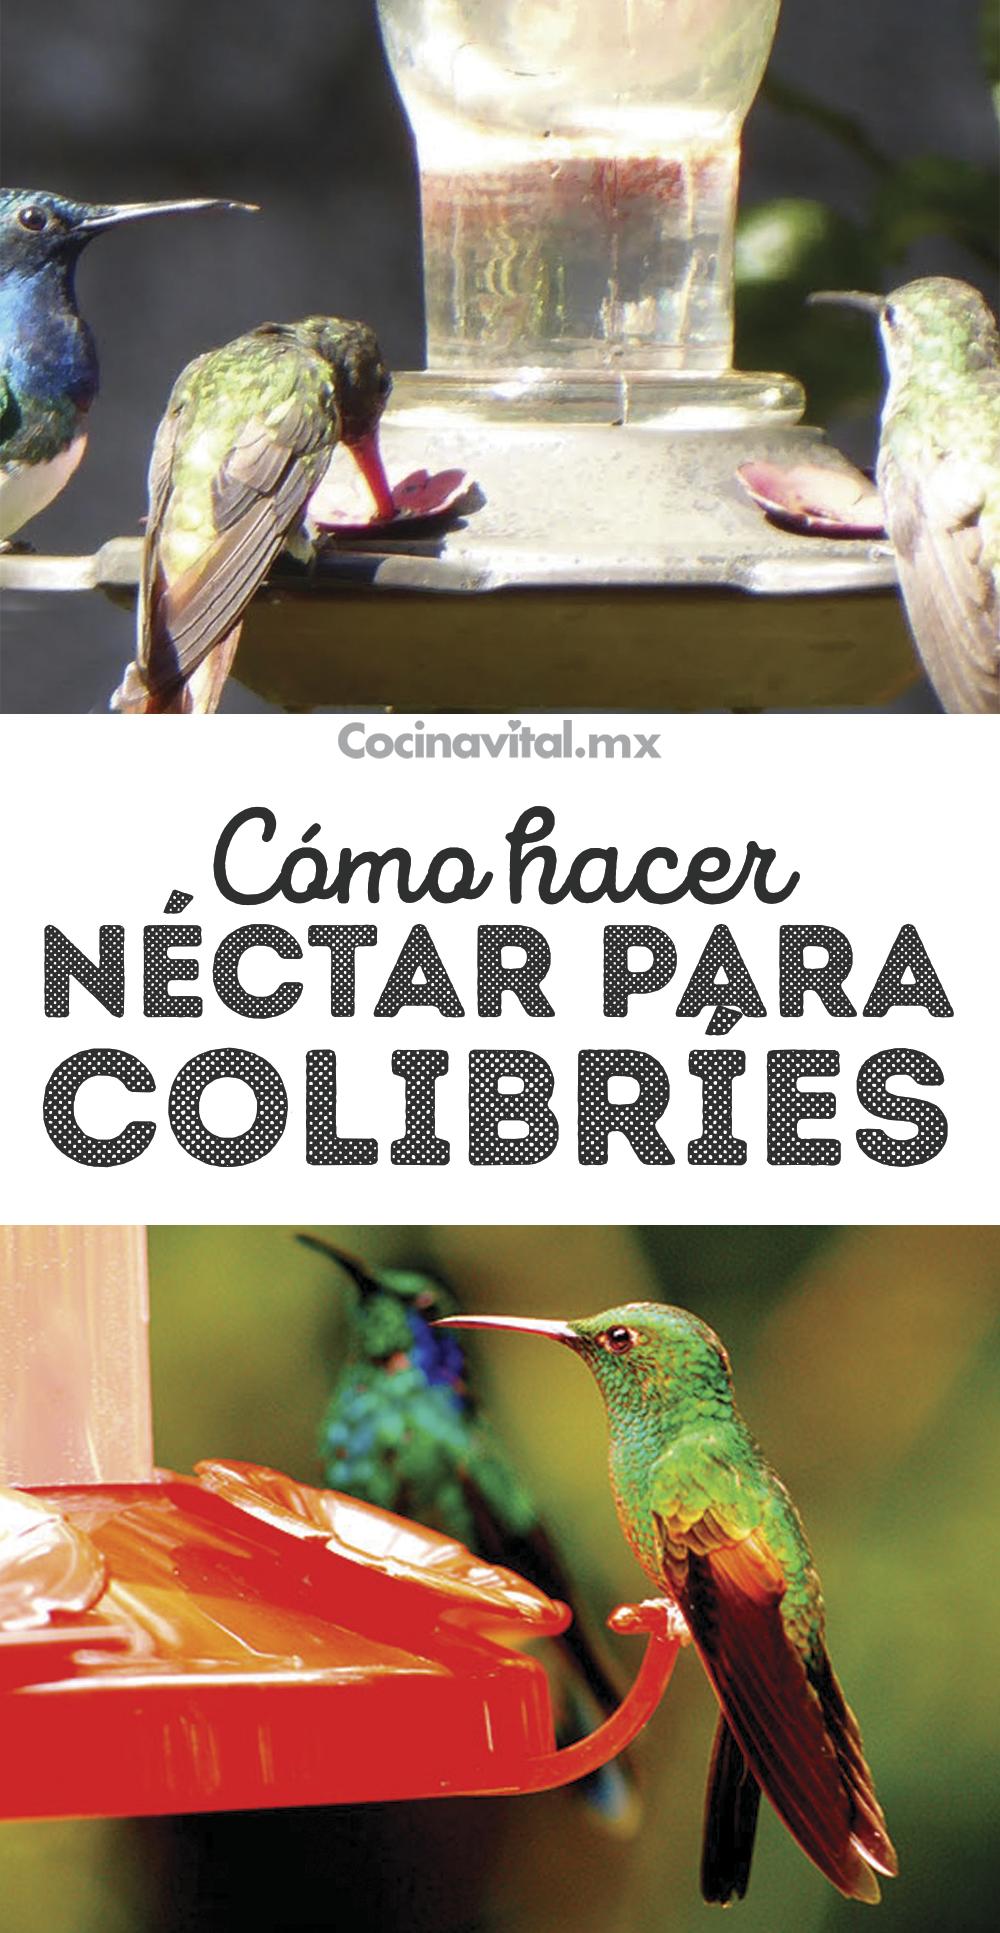 Como Hacer Nectar Casero Para Colibries Y Atraerlos Al Hogar Comederos De Colibris Bebedero Para Aves Jardin De Productos Comestibles